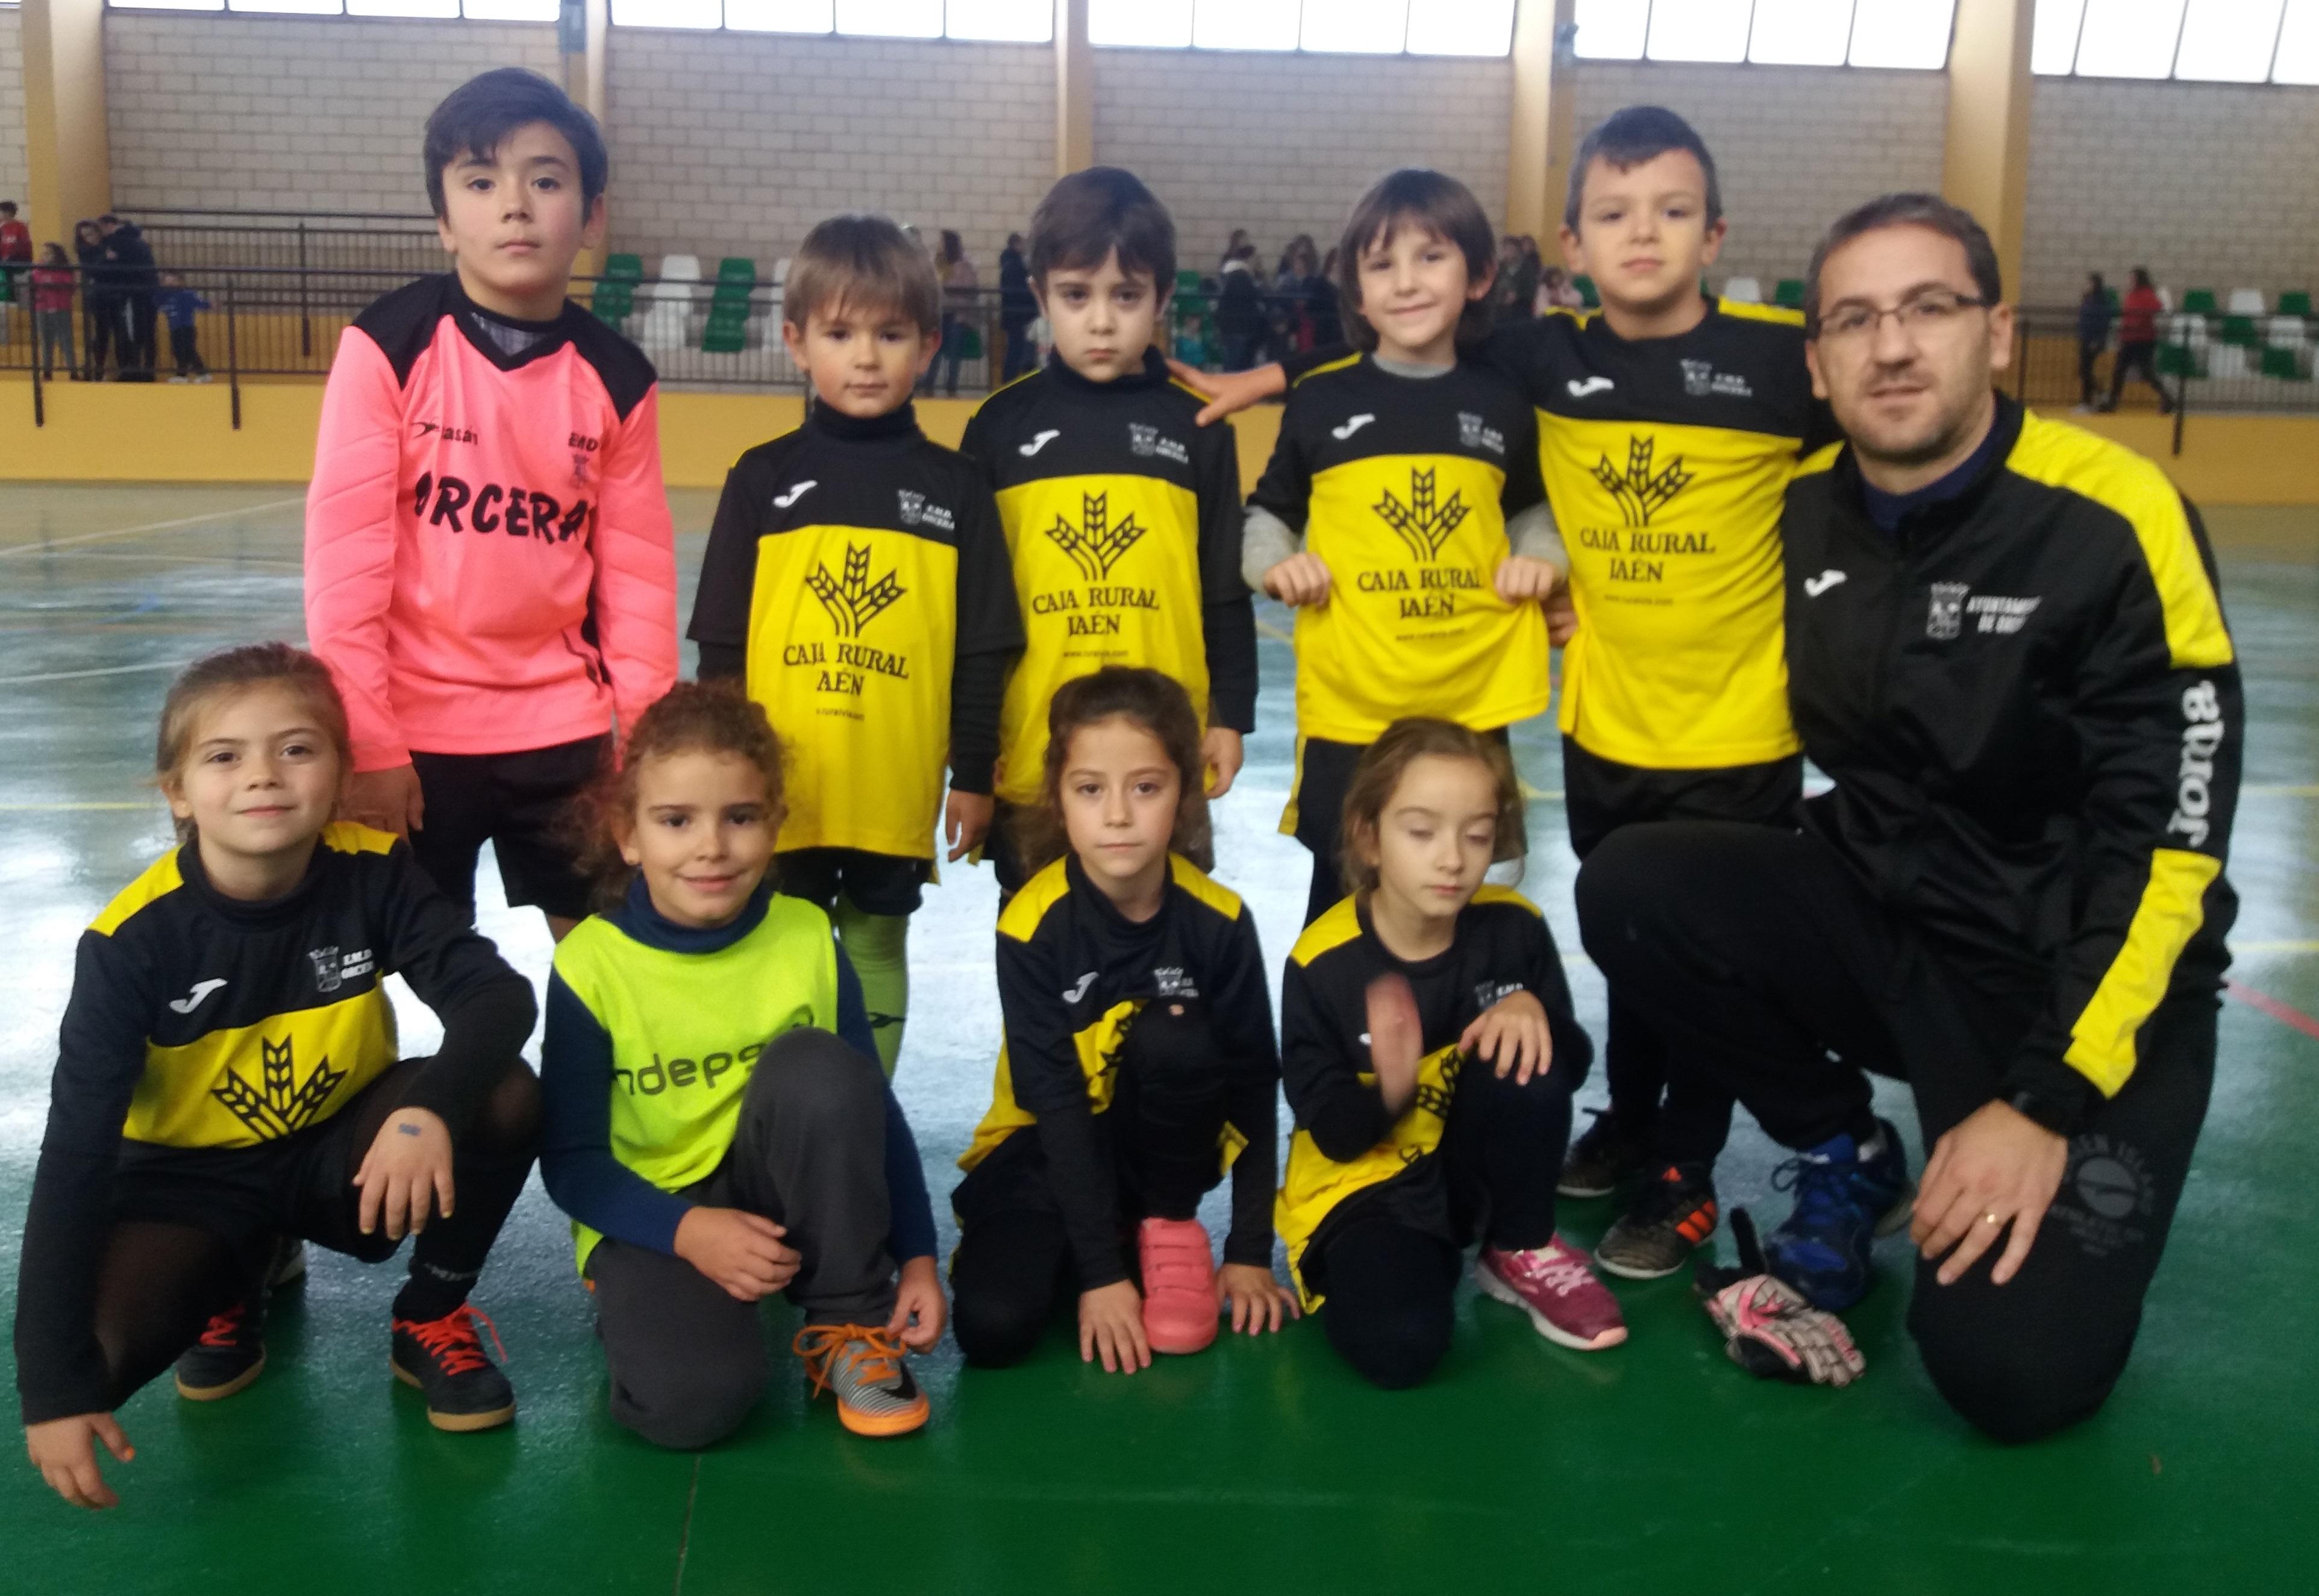 Jornada de Liga de Fútbol Comarcal en Orcera. 24-11-18  cf410f3417d1f